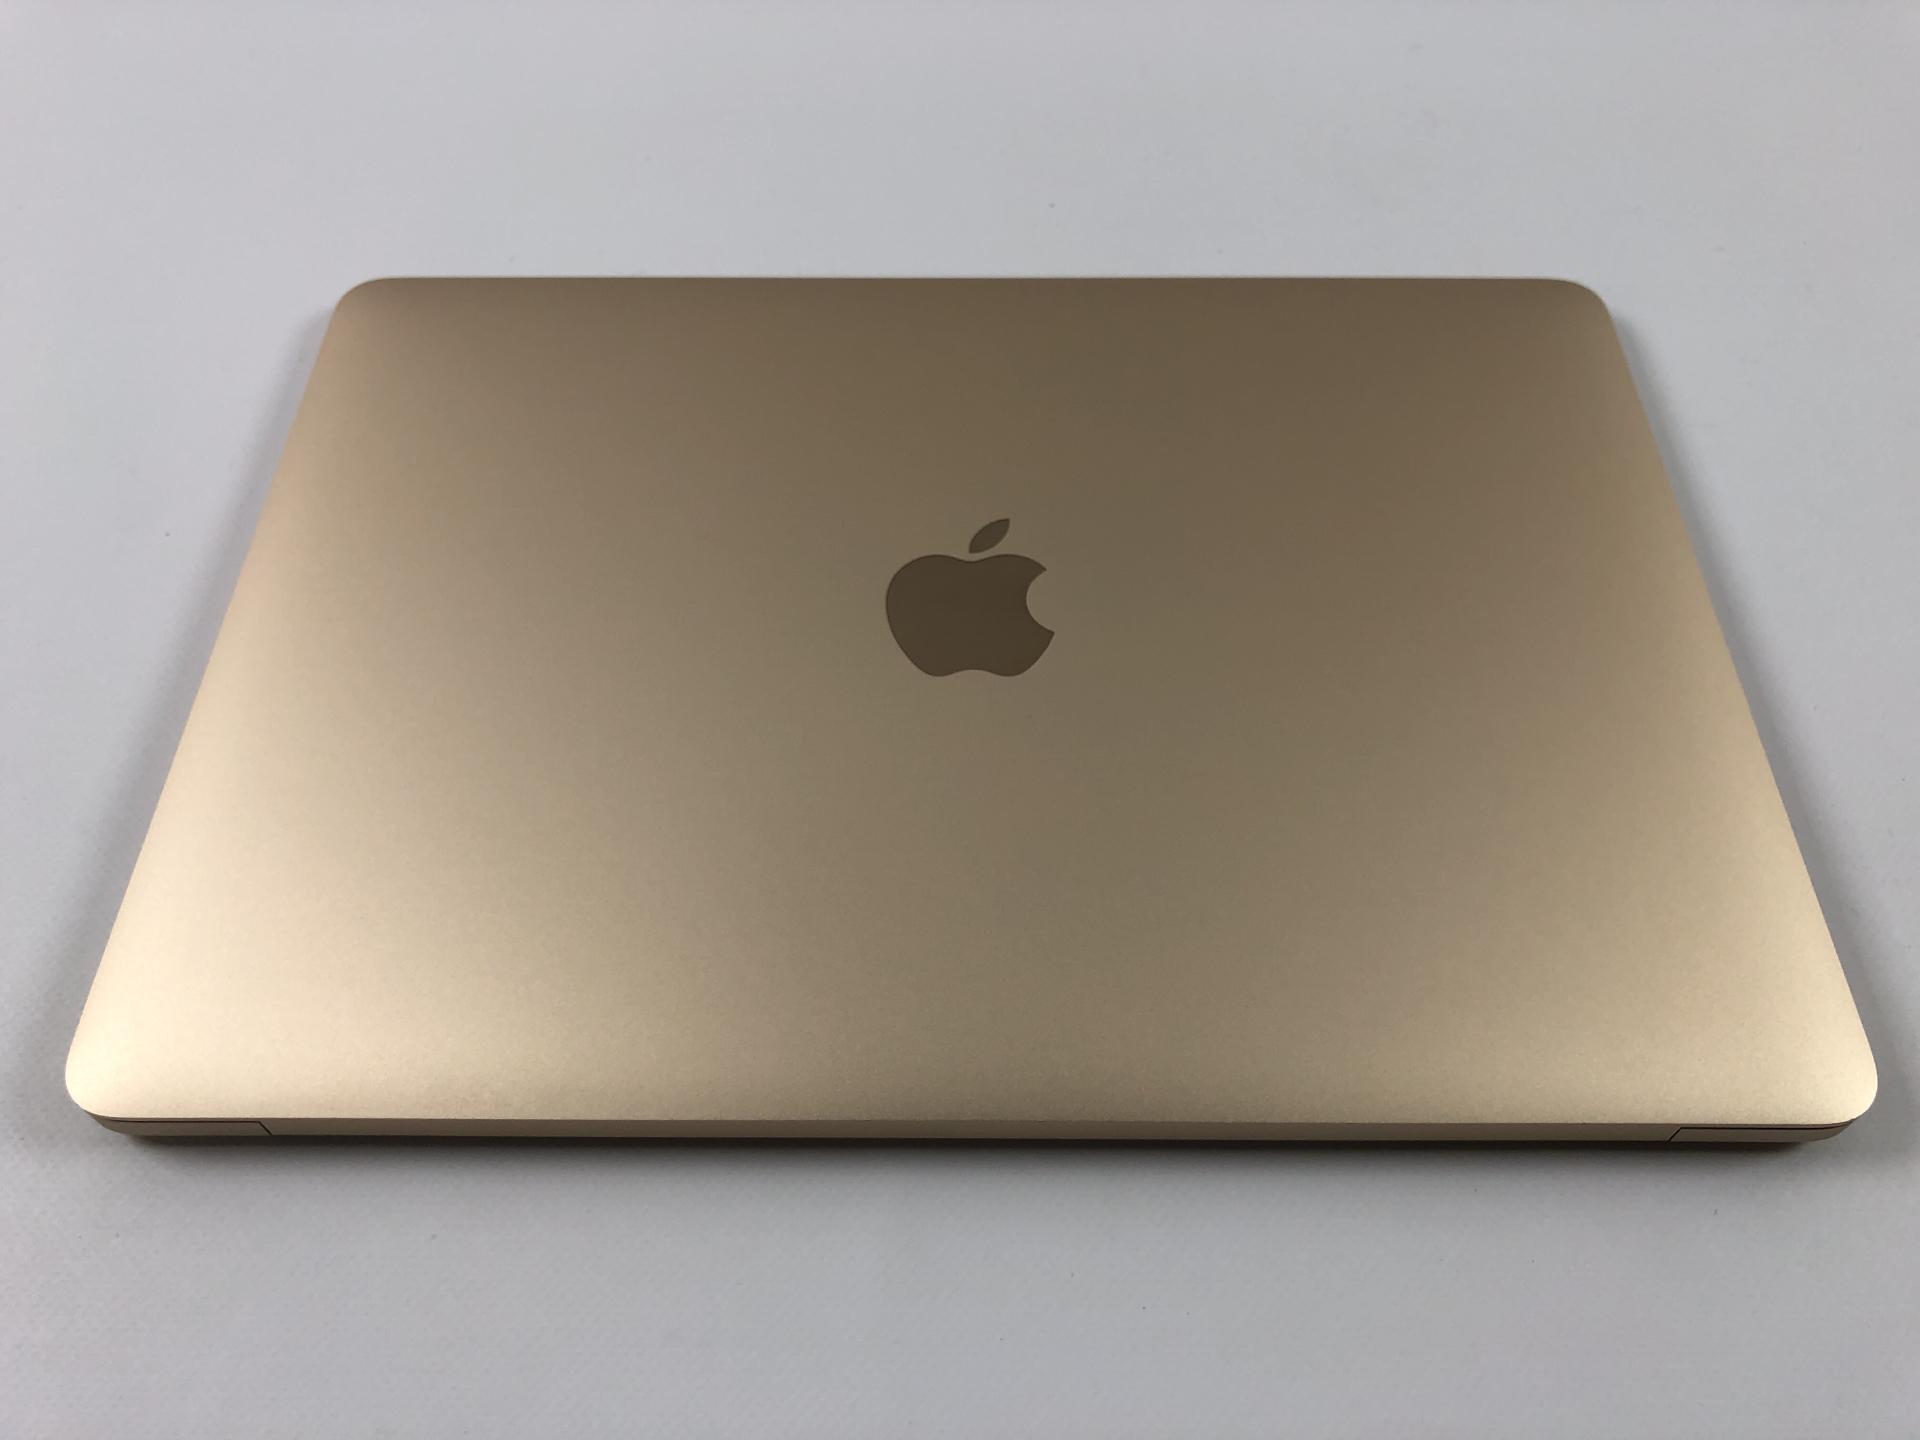 """MacBook 12"""" Mid 2017 (Intel Core m3 1.2 GHz 8 GB RAM 256 GB SSD), Gold, Intel Core m3 1.2 GHz, 8 GB RAM, 256 GB SSD, bild 2"""